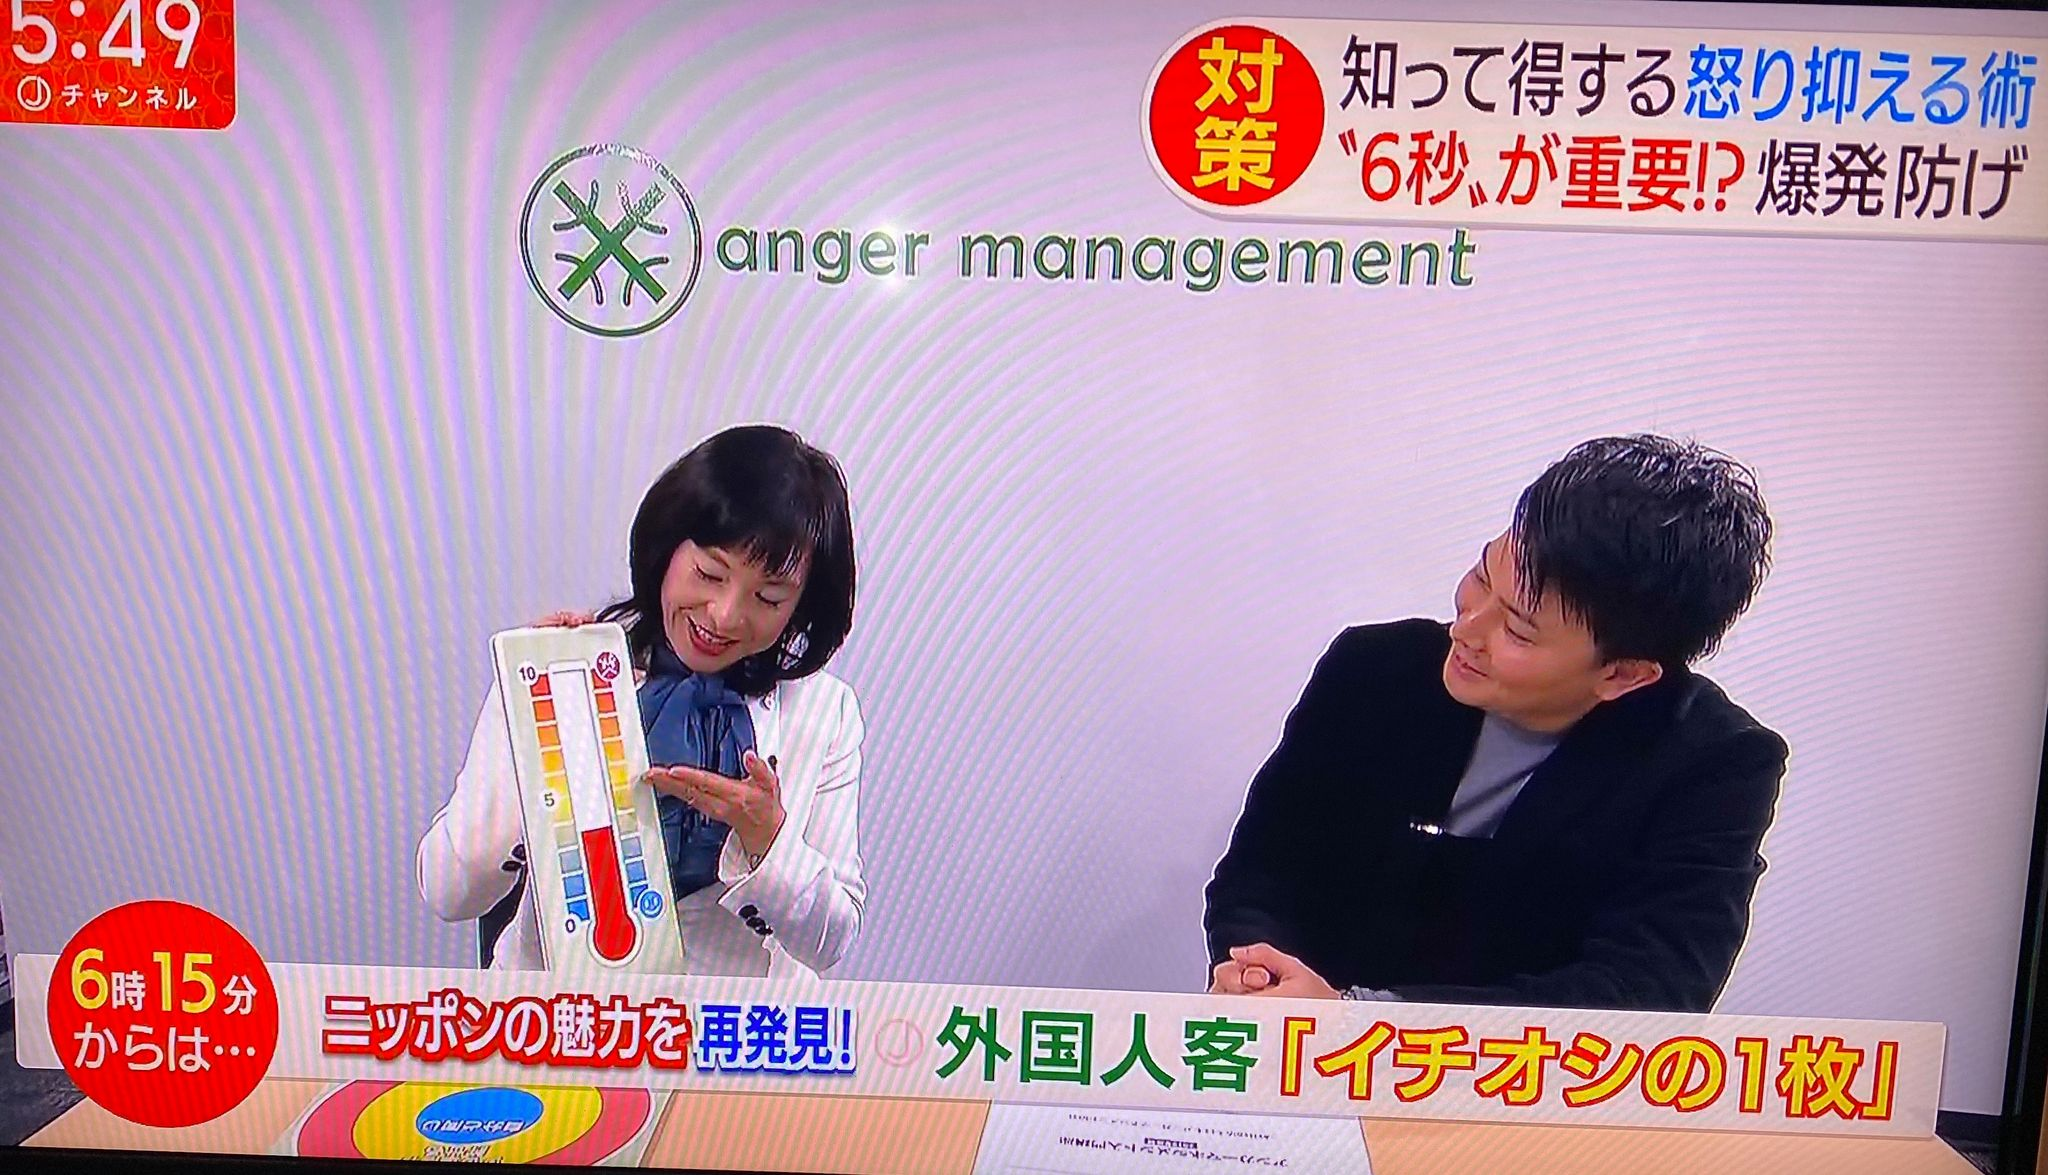 テレビ朝日『スーパーJチャンネル』